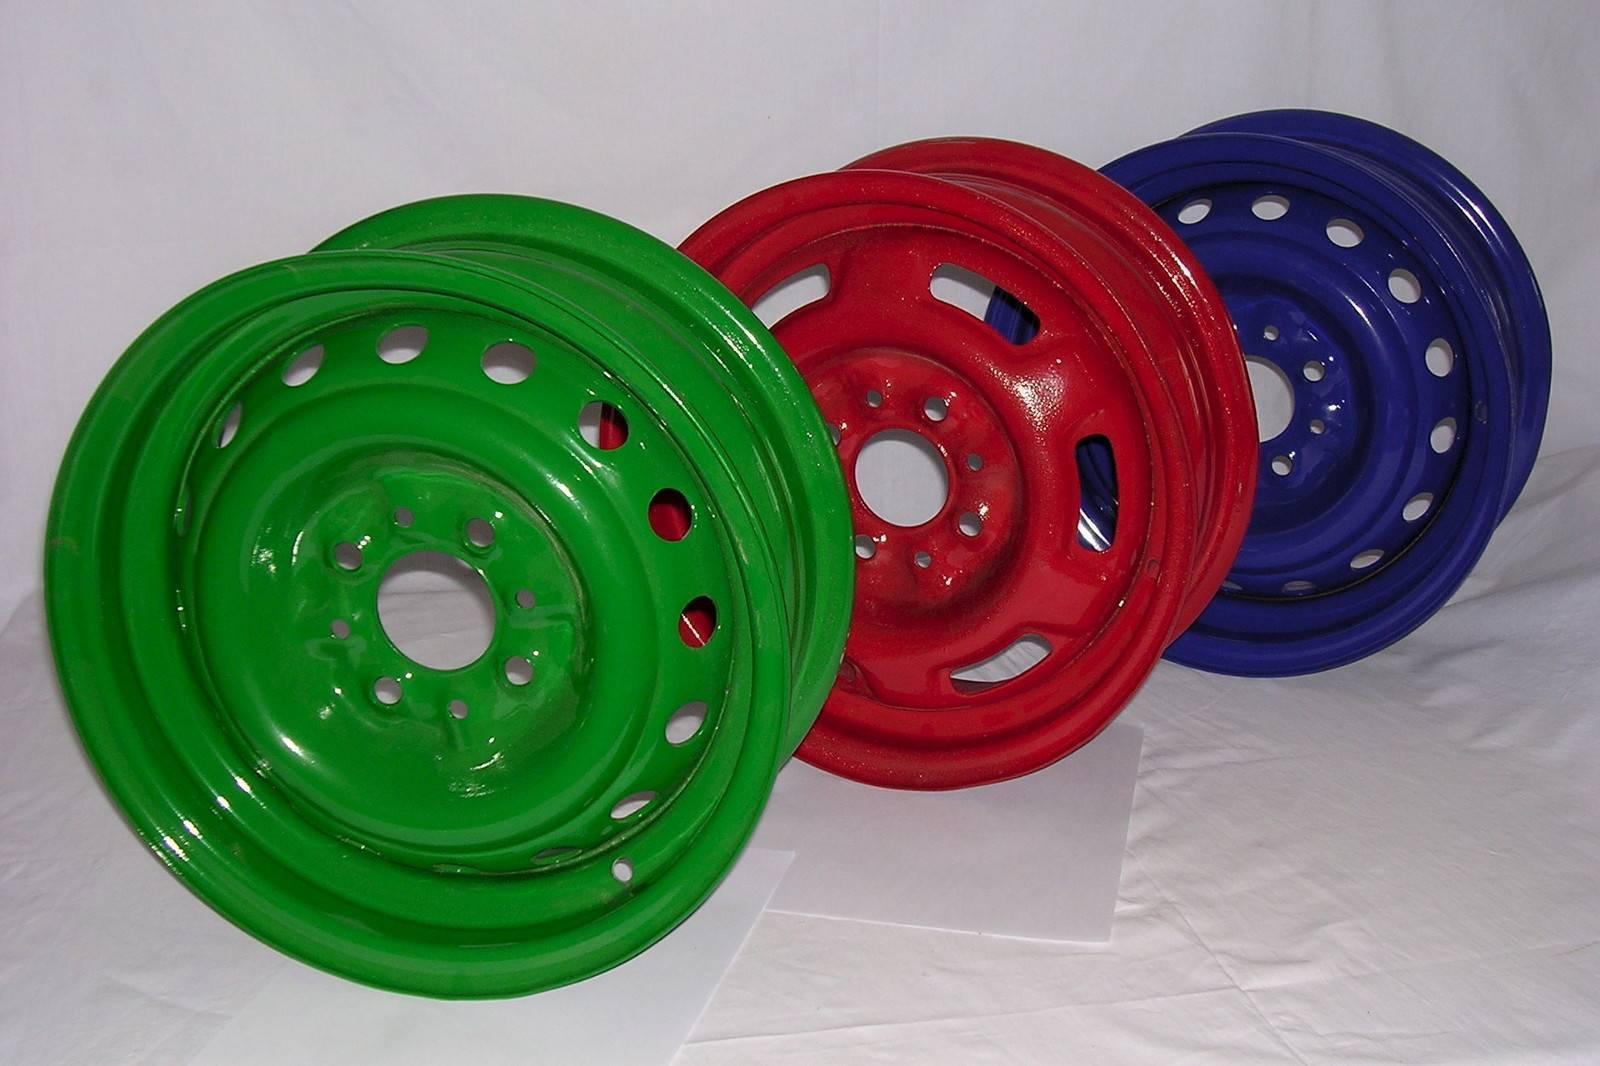 Снятие старой краски с дисков. подготовка к лету часть 2